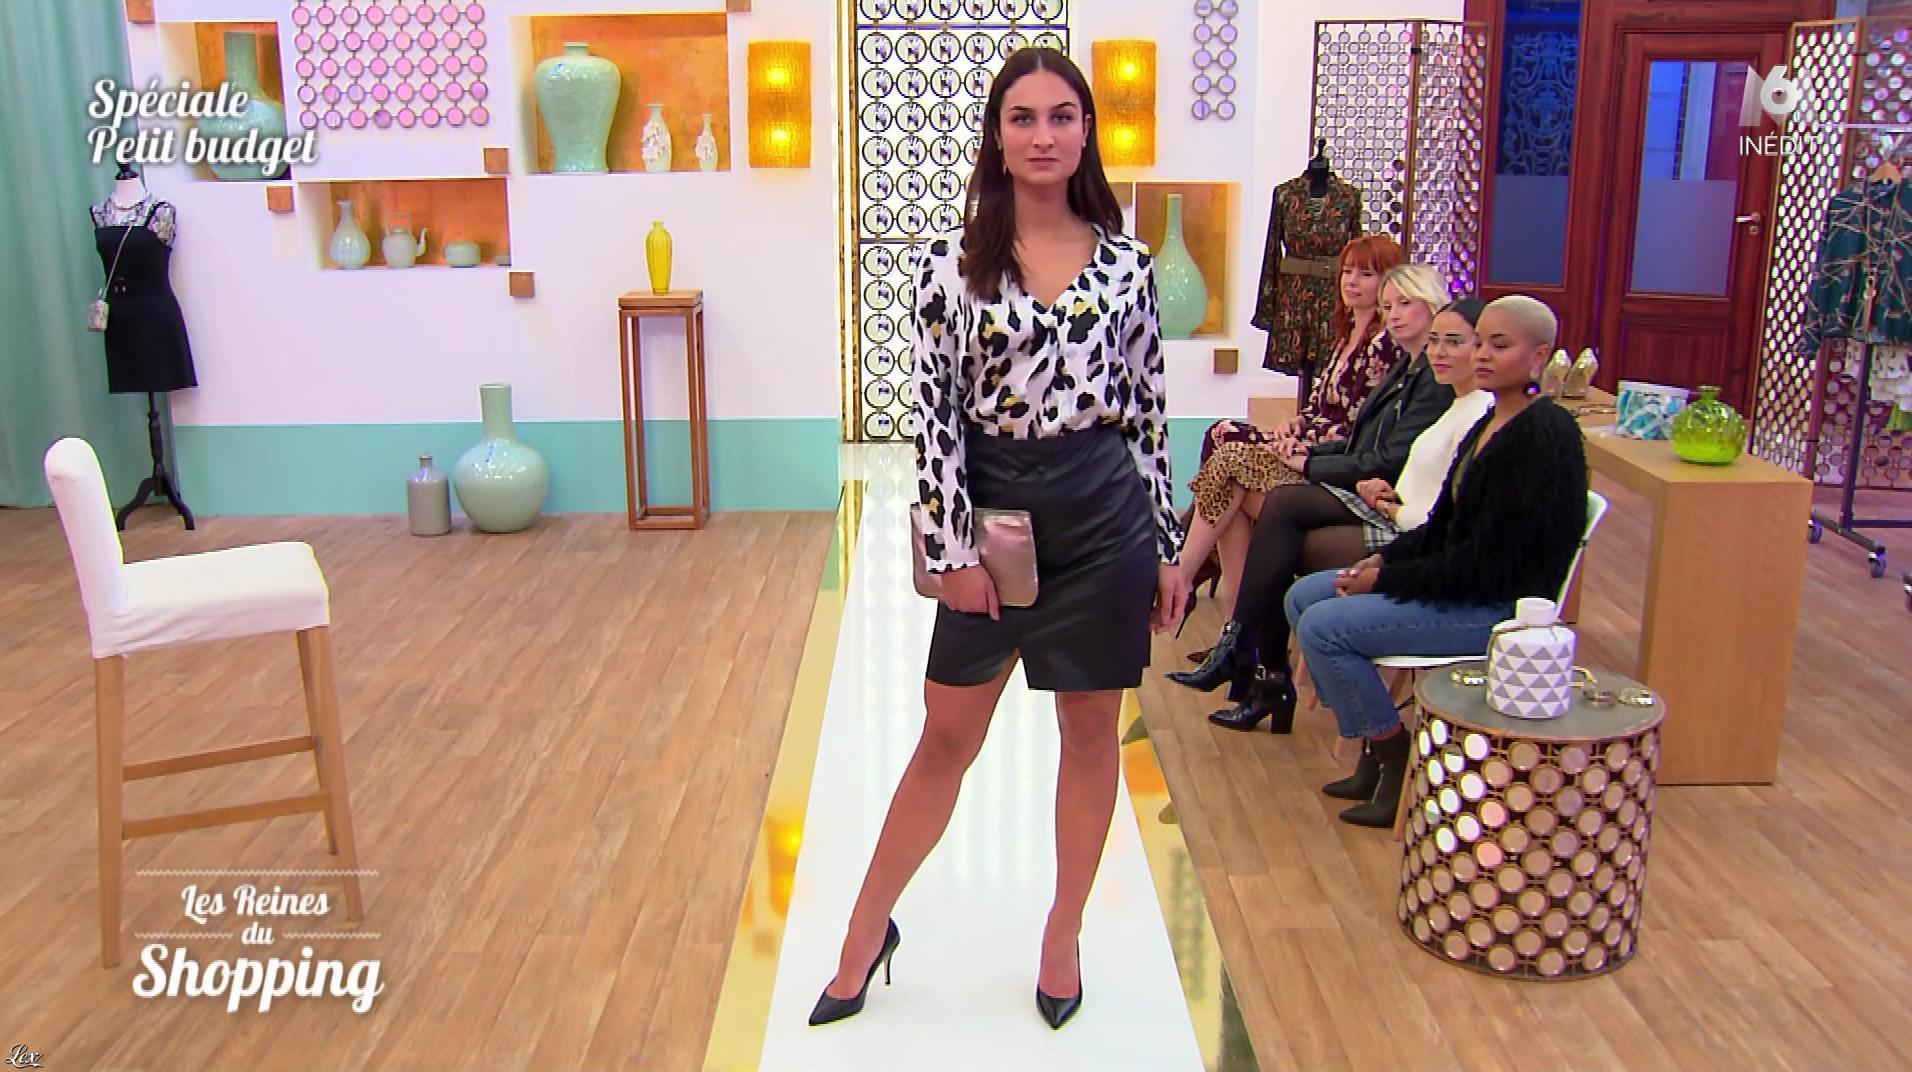 Inconnue dans les Reines du Shopping. Diffusé à la télévision le 23/04/19.